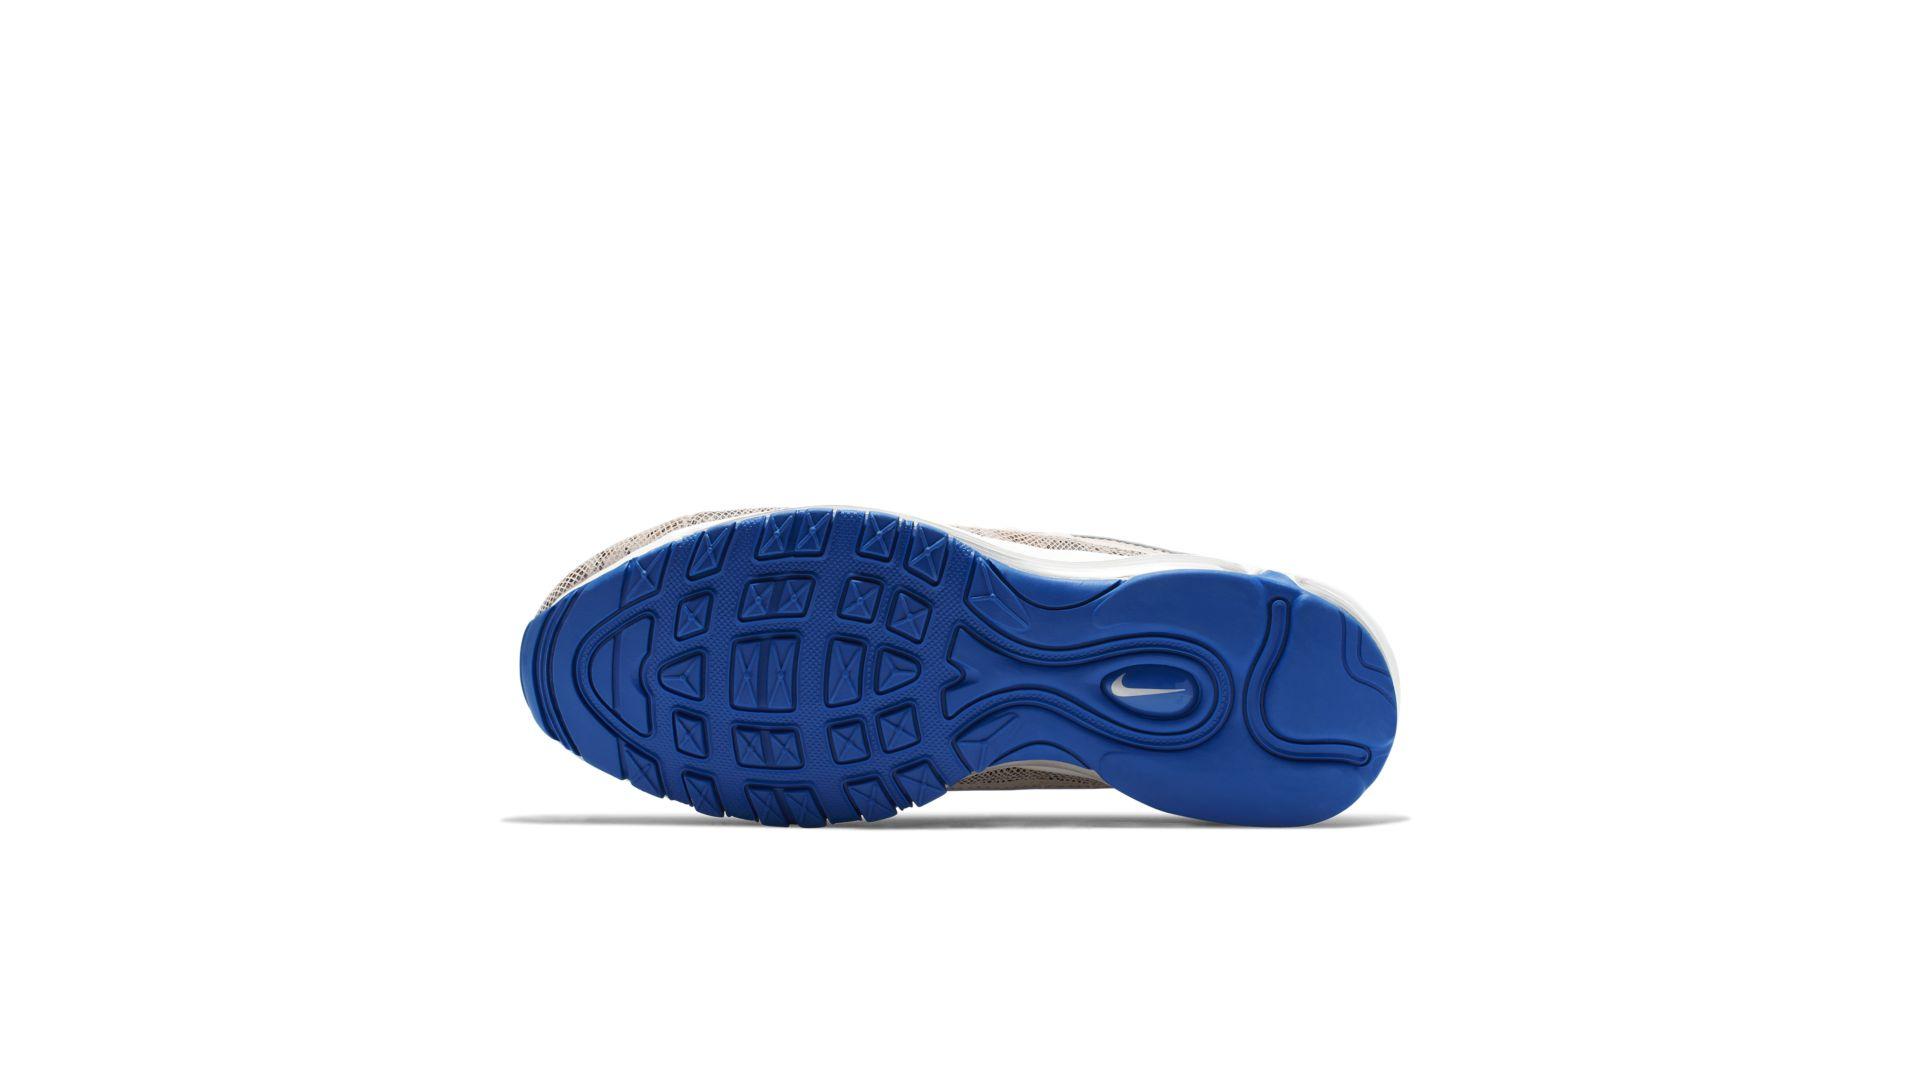 Nike WMNS Air Max 98 'Snakeskin' (CI2672-100)